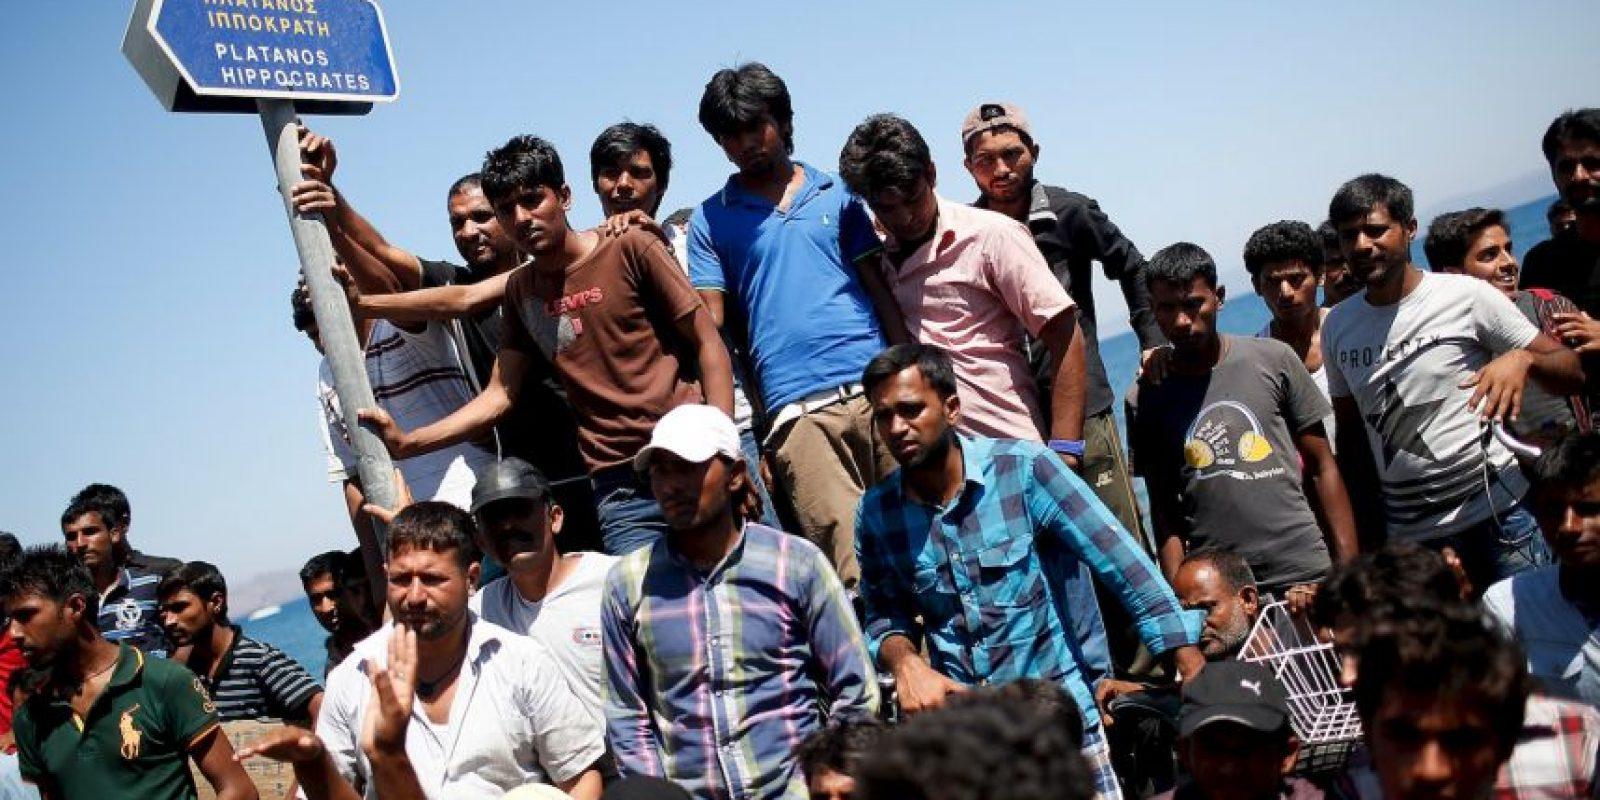 Europa vive una grave crisis migratoria. Foto:Getty Images